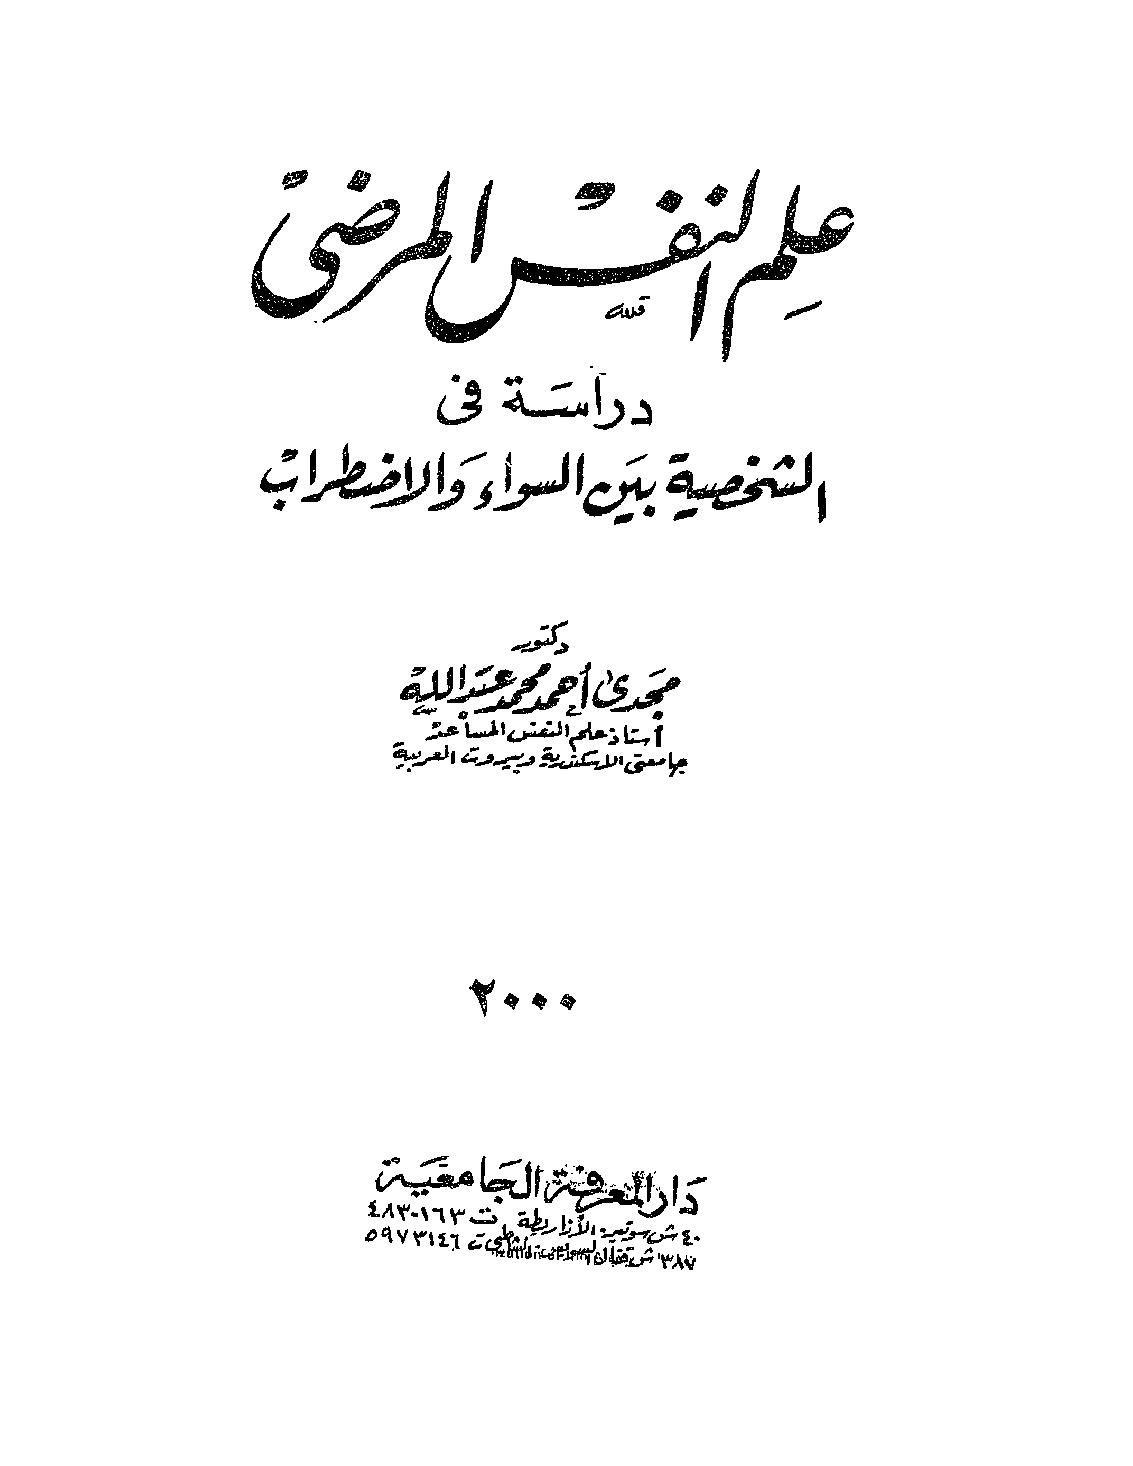 علم النفس المرضي رابط التحميل Https Archive Org Download Almalnafs Almnafsmtfreq74 Pdf Books Books To Read Pdf Books